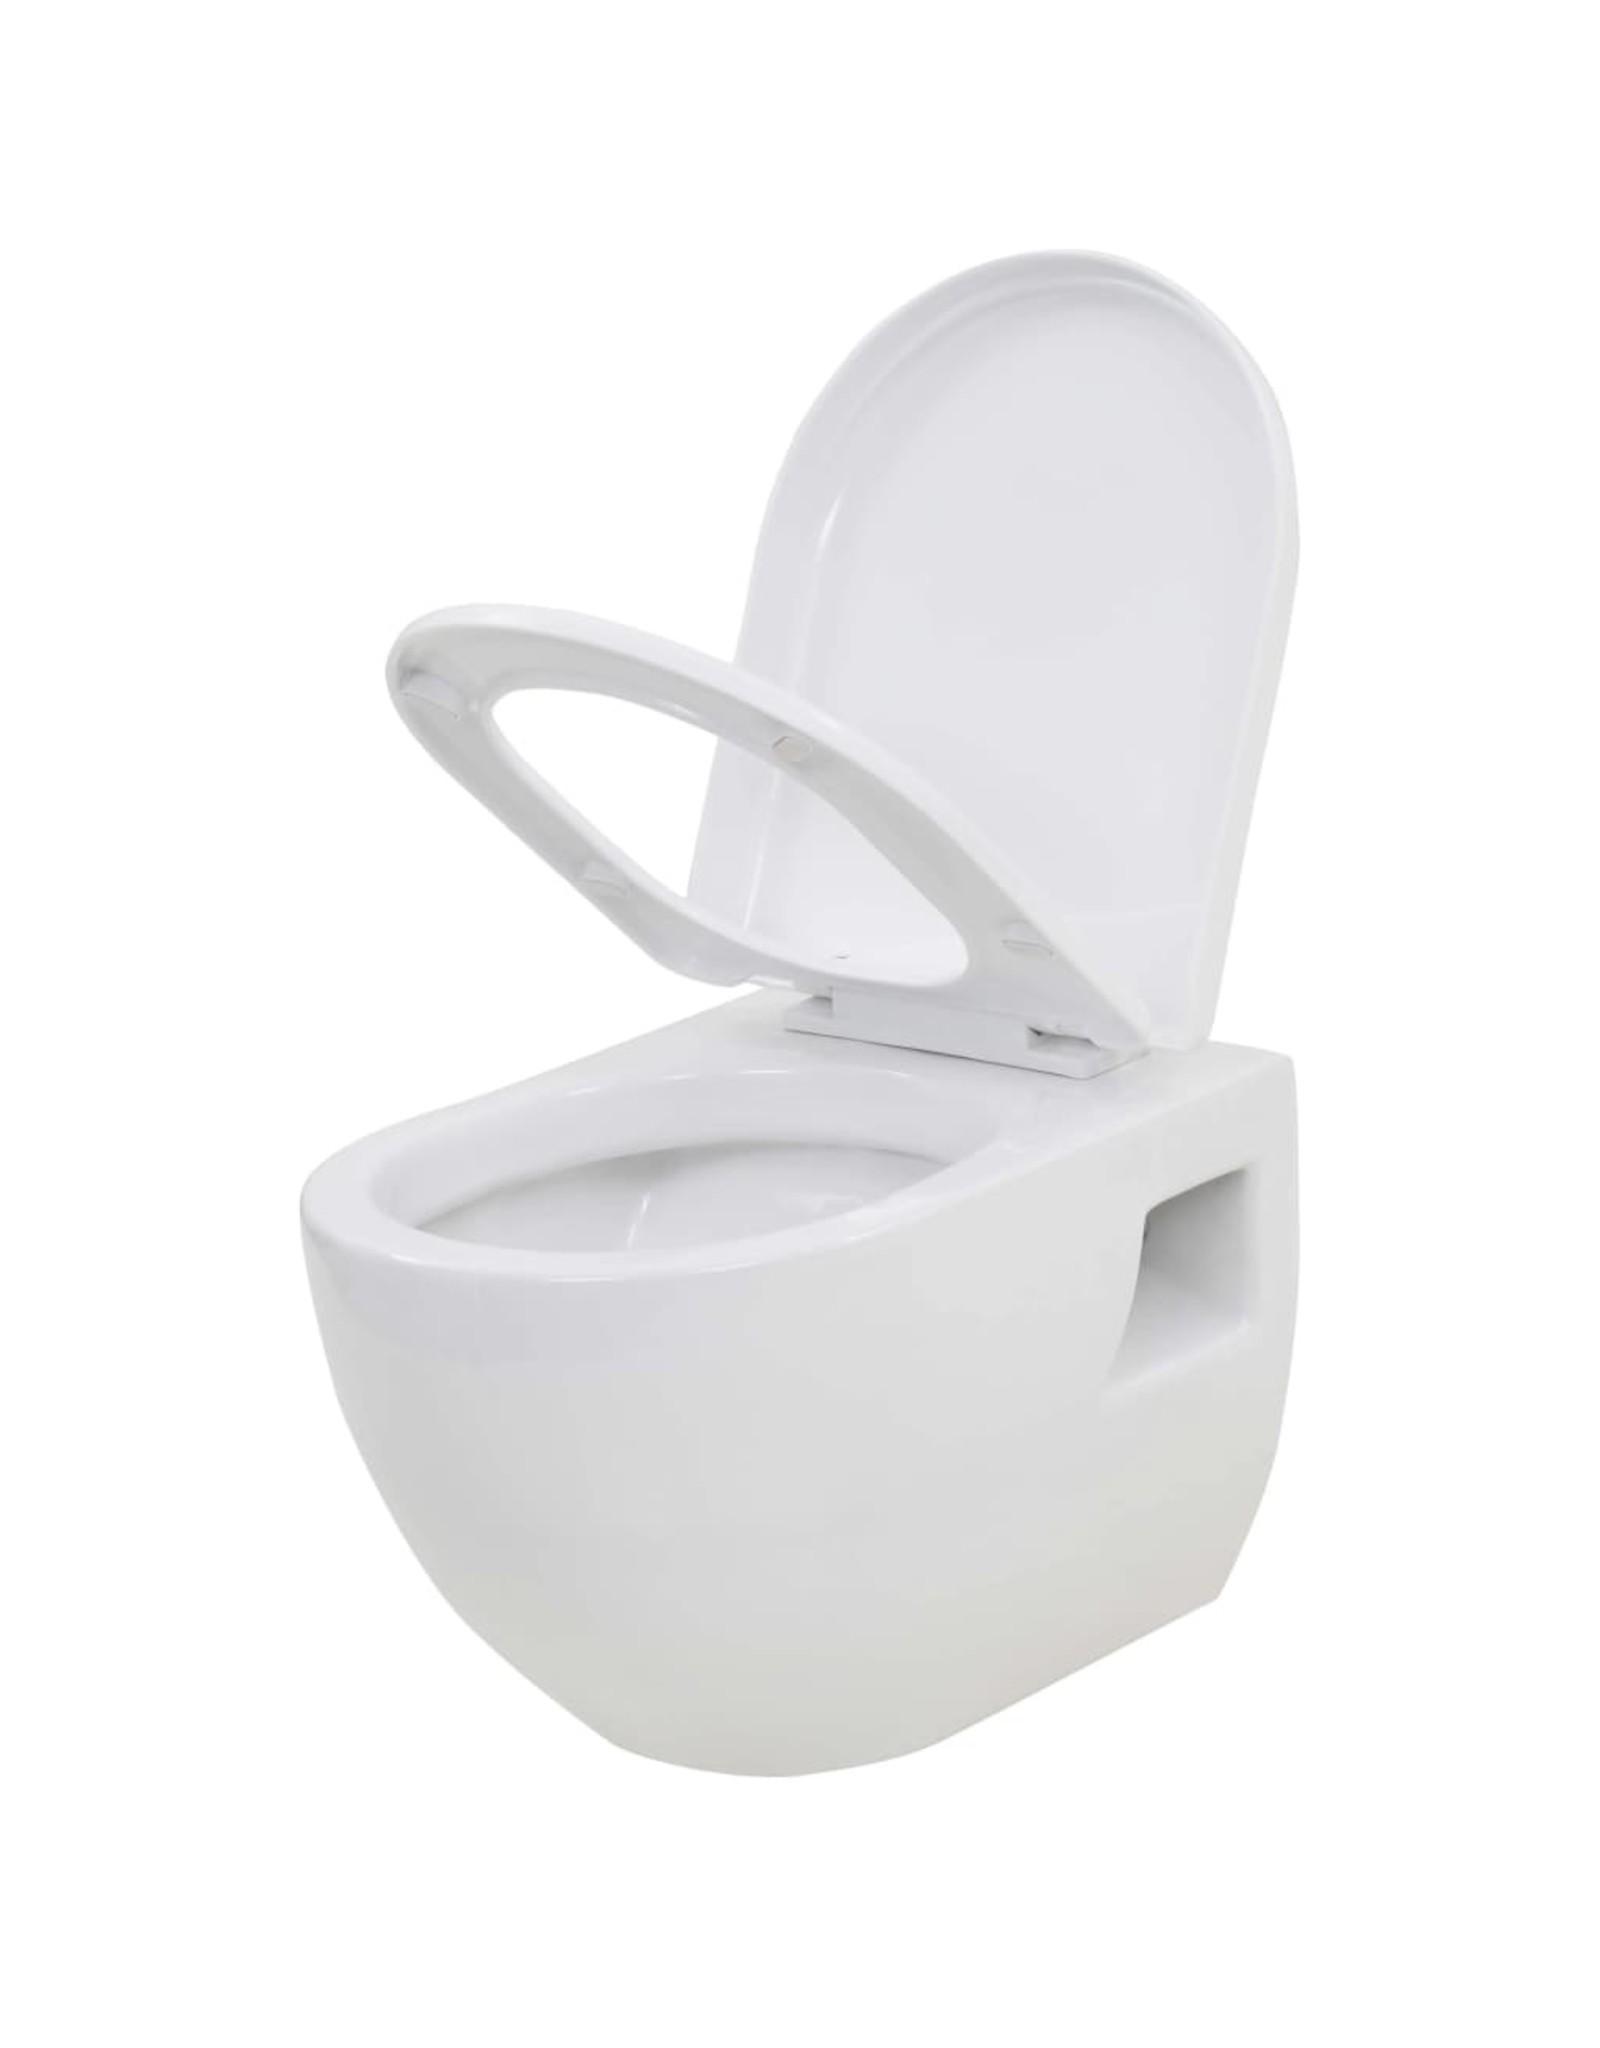 Hangend toilet met verborgen stortbak keramiek wit